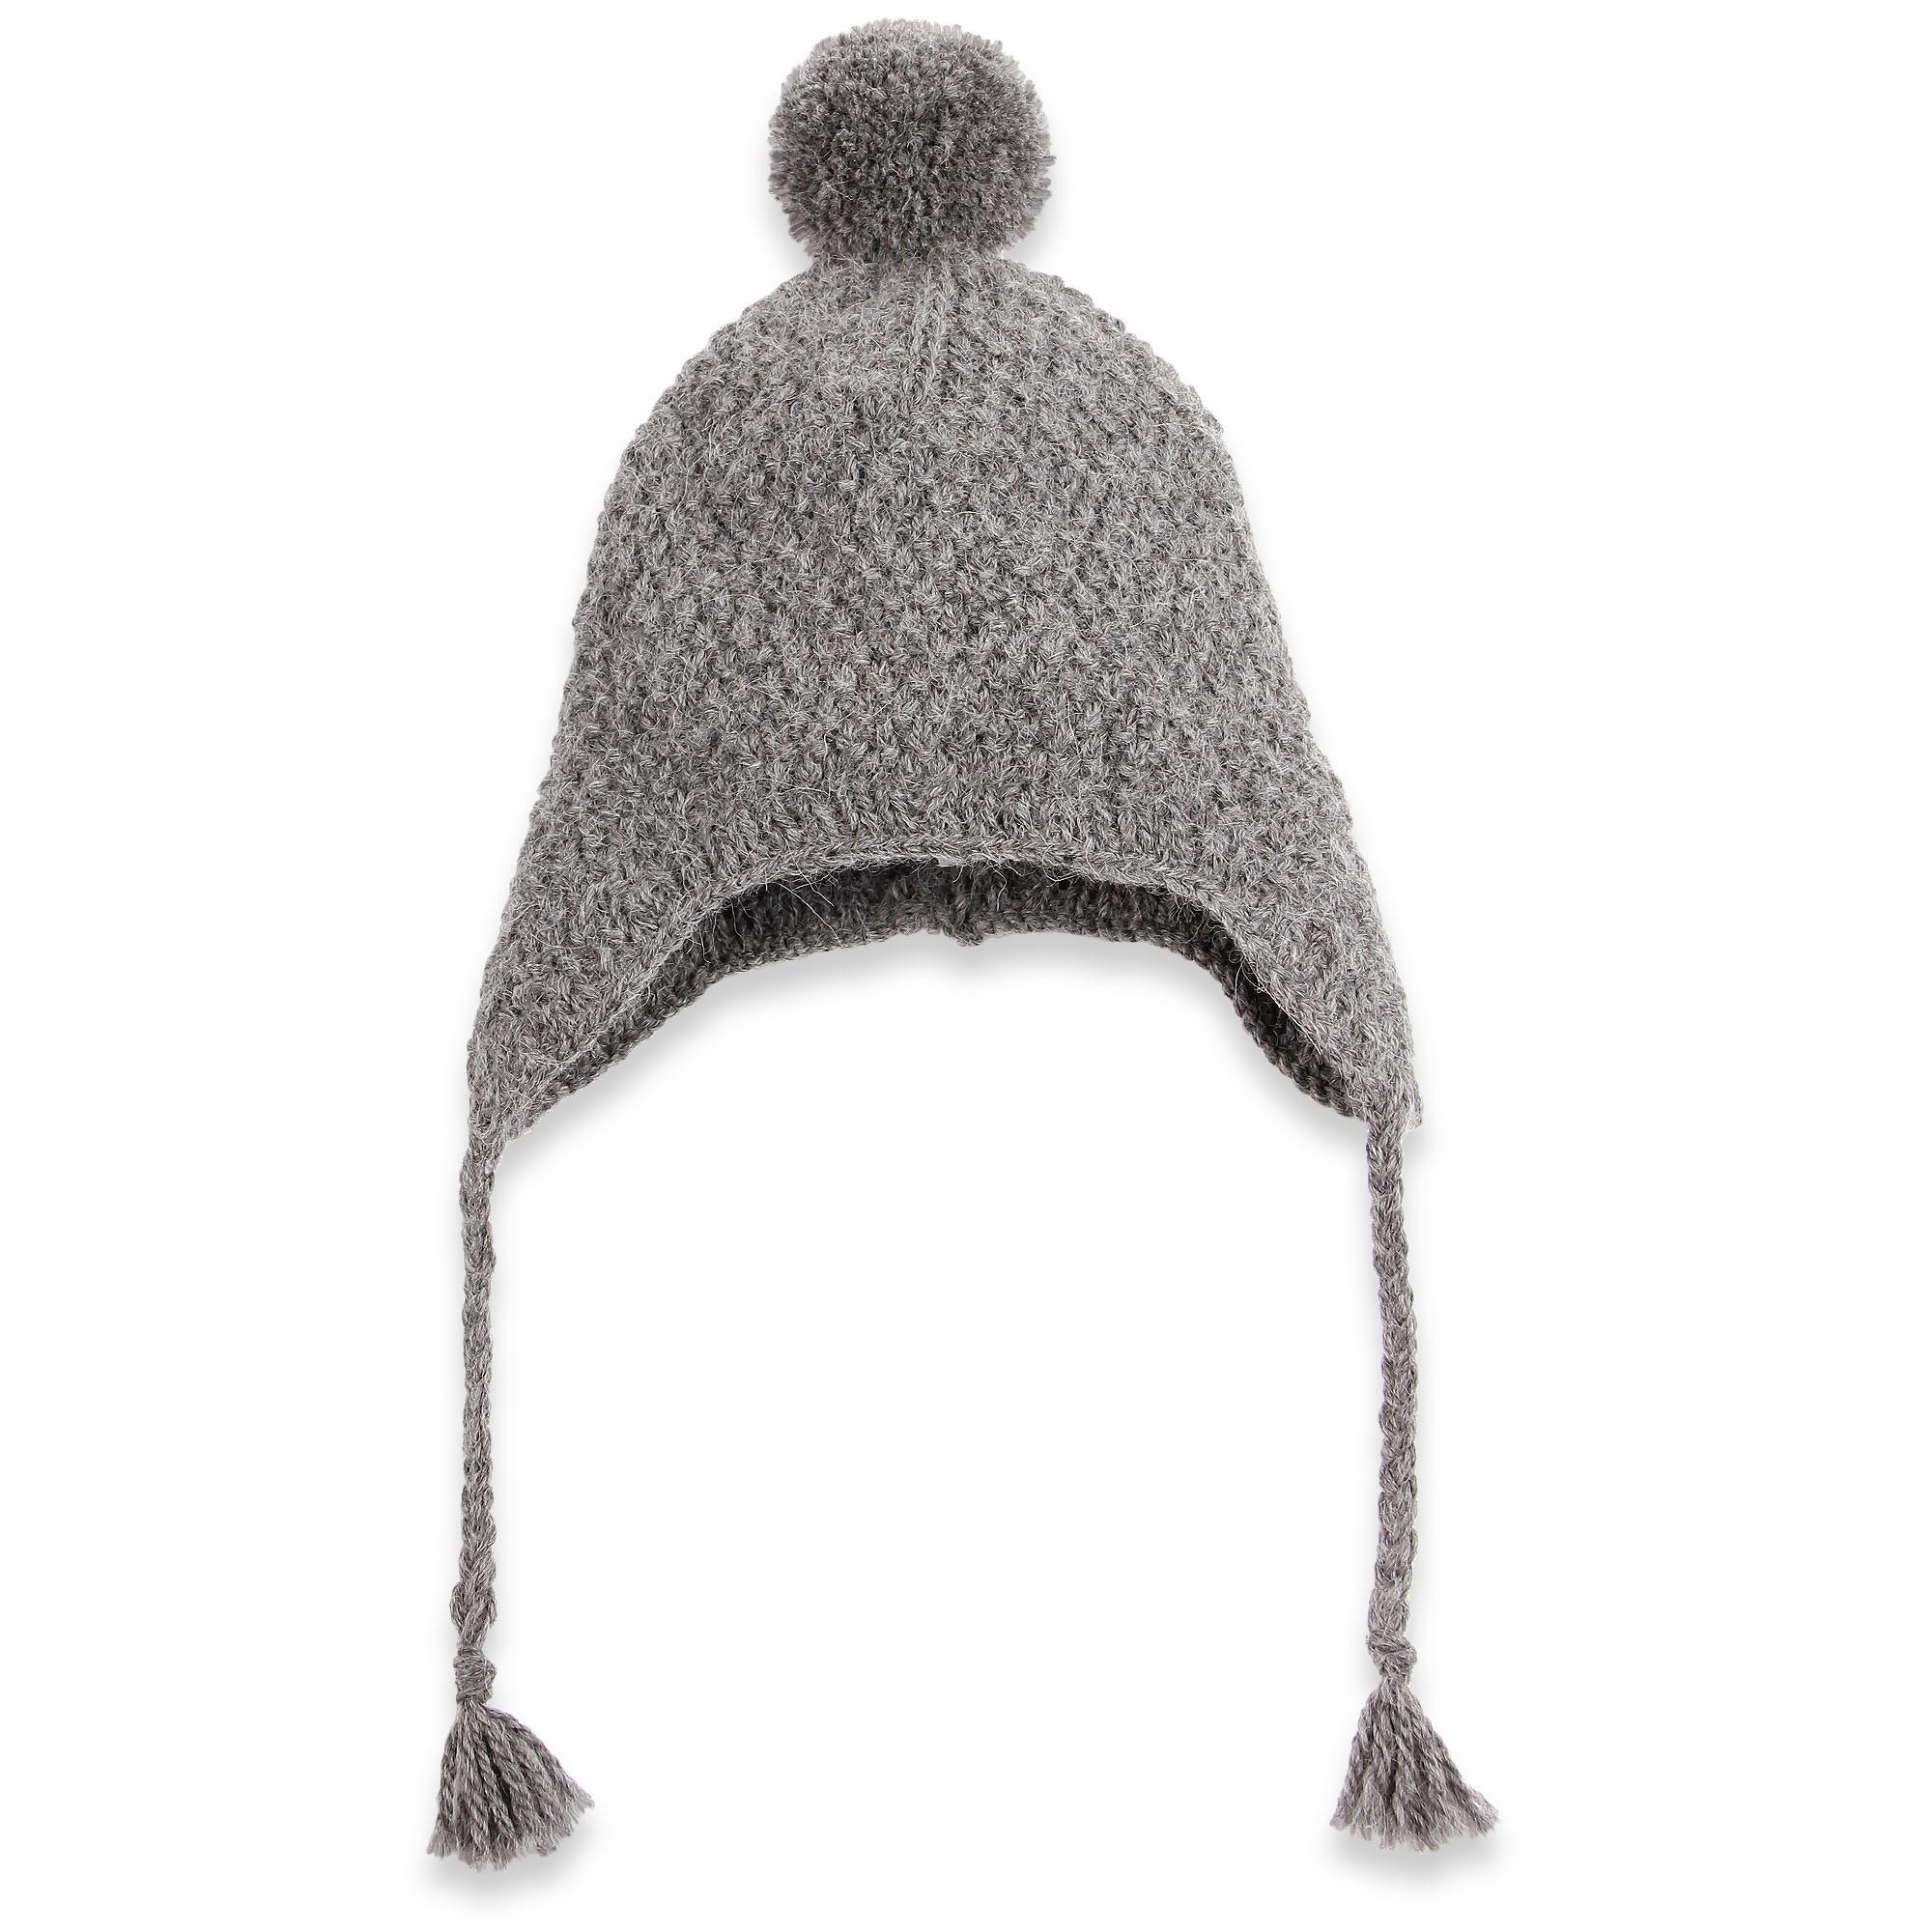 bien pas cher trouver le travail assez bon marché Tricot bonnet peruvien fille - Idées de tricot gratuit